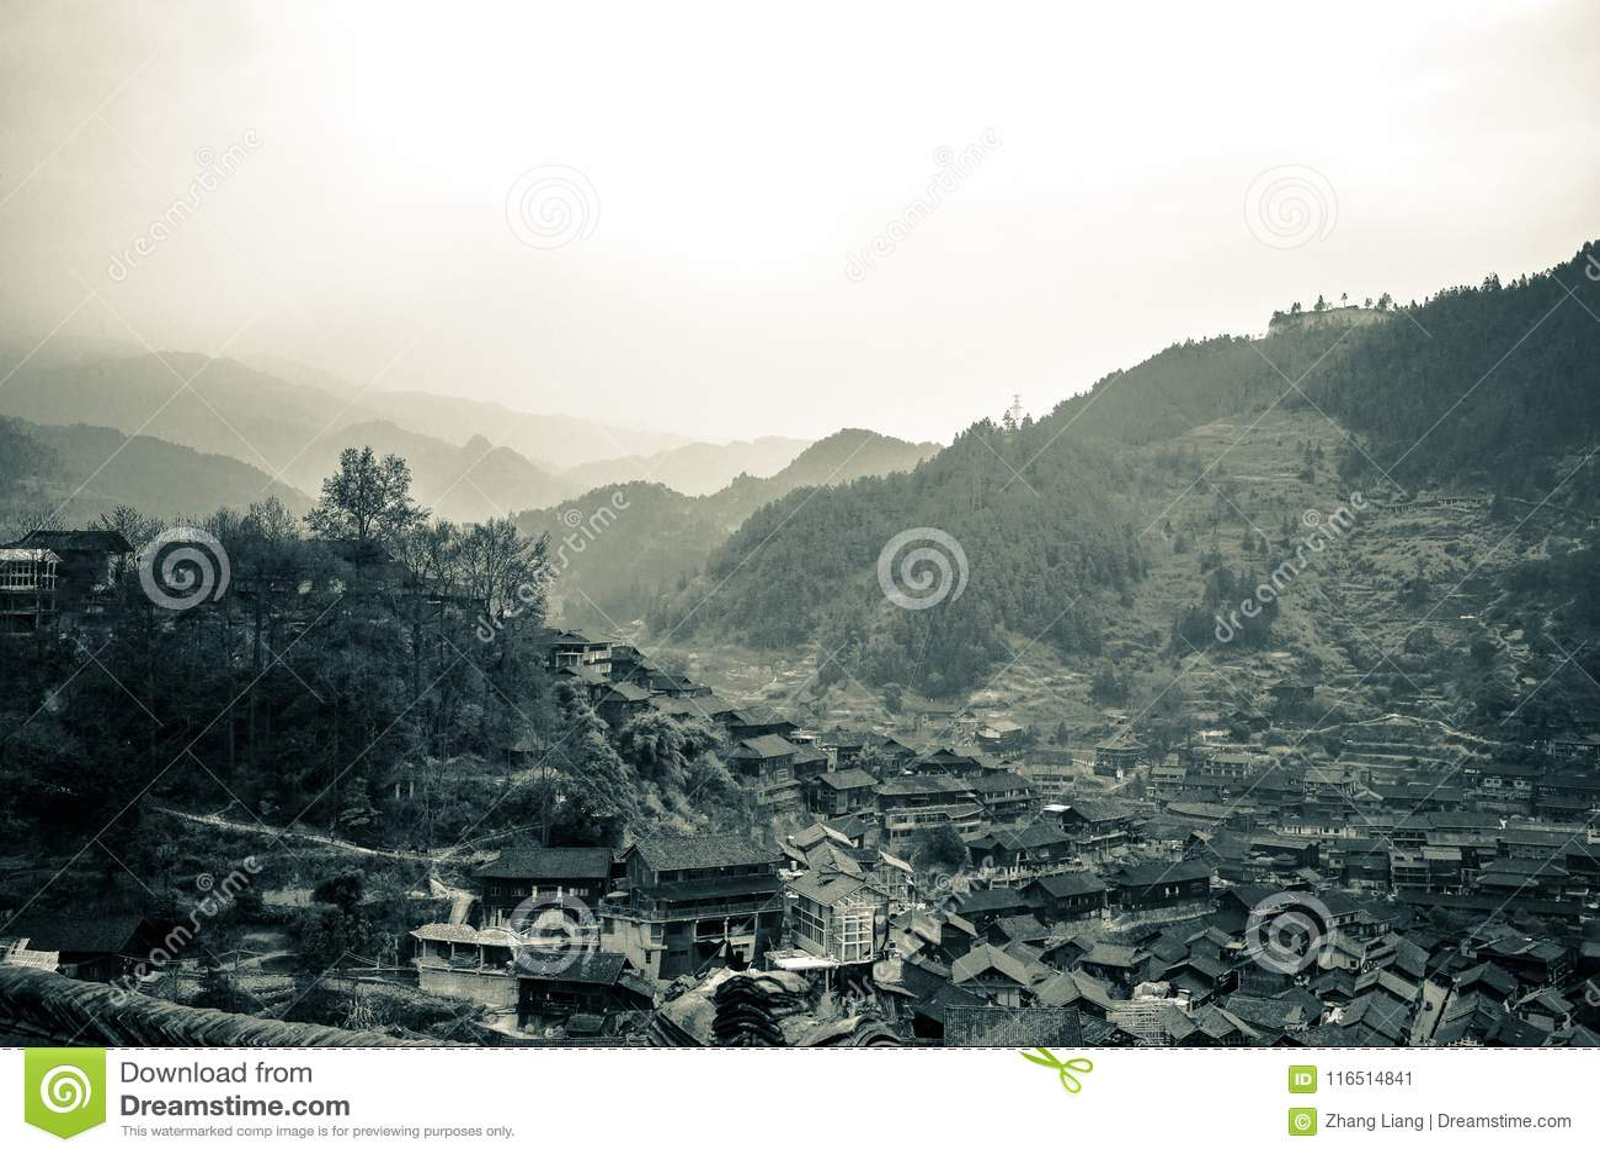 Xijiang thousand family Miao village, Guizhou, China